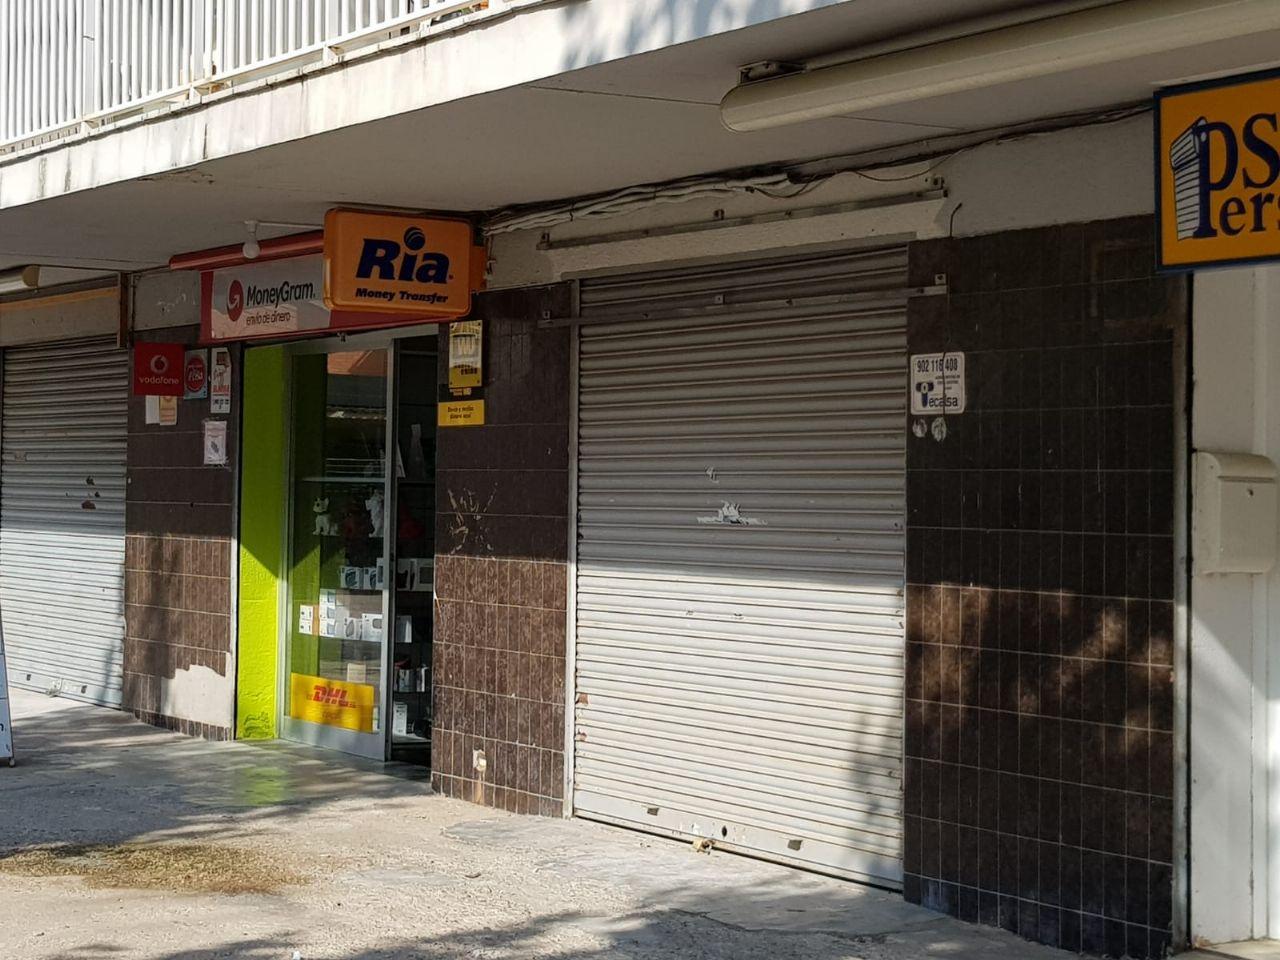 Local comercial en Salou, Centro, alquiler